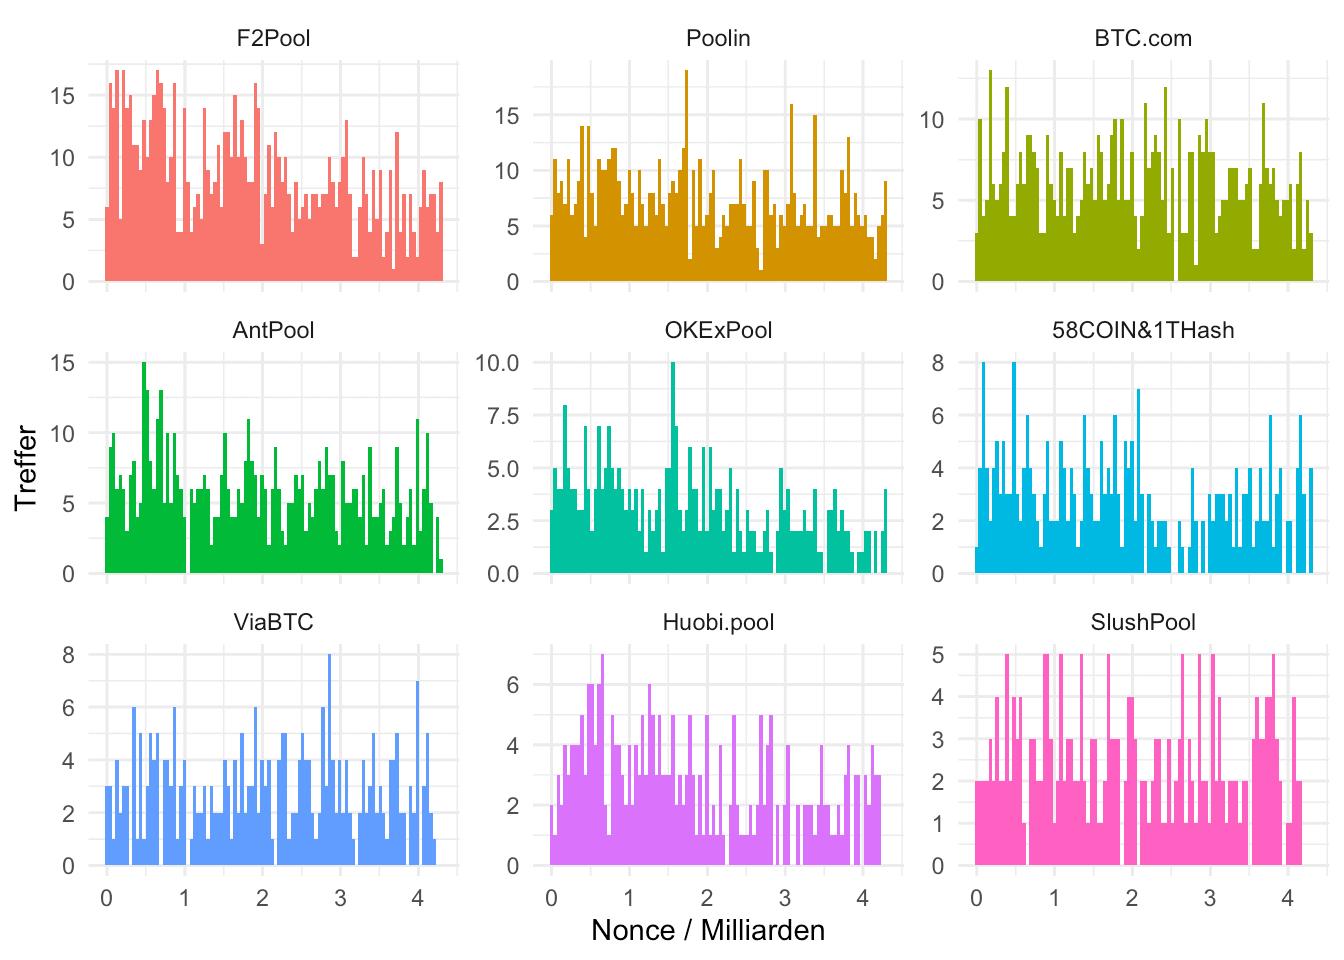 Nonce-Verteilungen bei den unterschiedlichen großen Mining-Pools